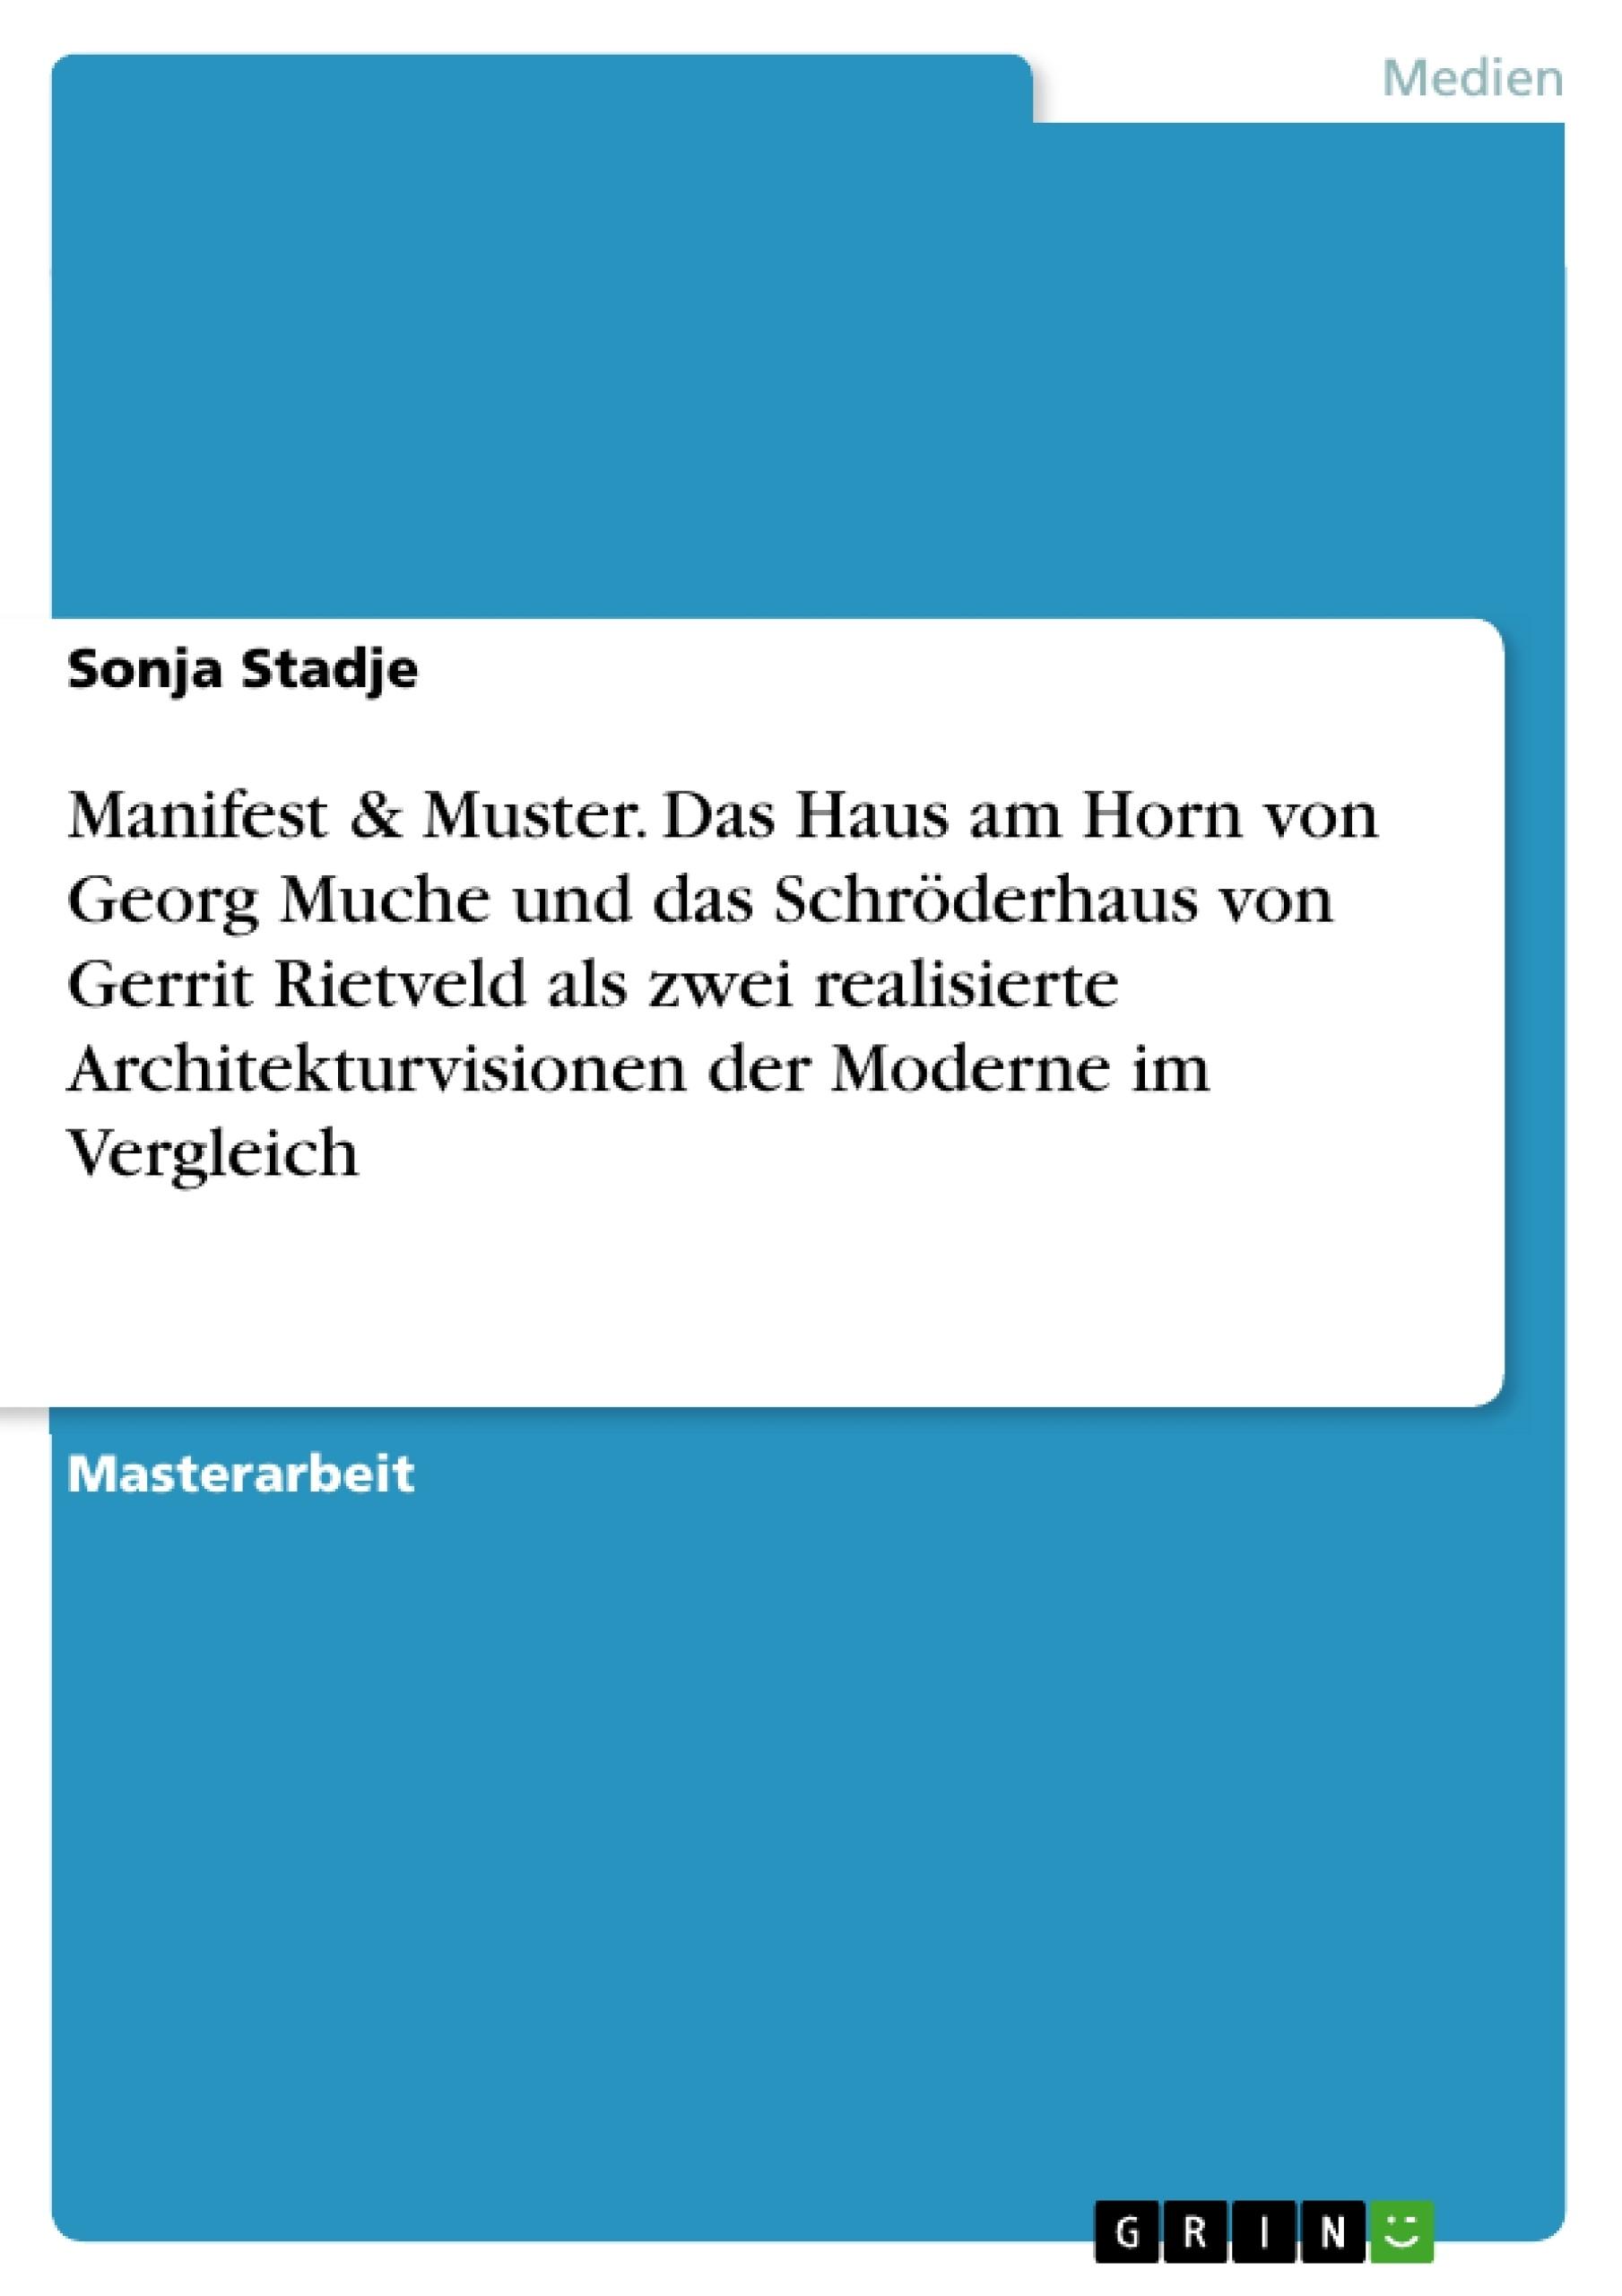 Titel: Manifest & Muster. Das Haus am Horn von Georg Muche und das Schröderhaus von Gerrit Rietveld als zwei realisierte Architekturvisionen der Moderne im Vergleich